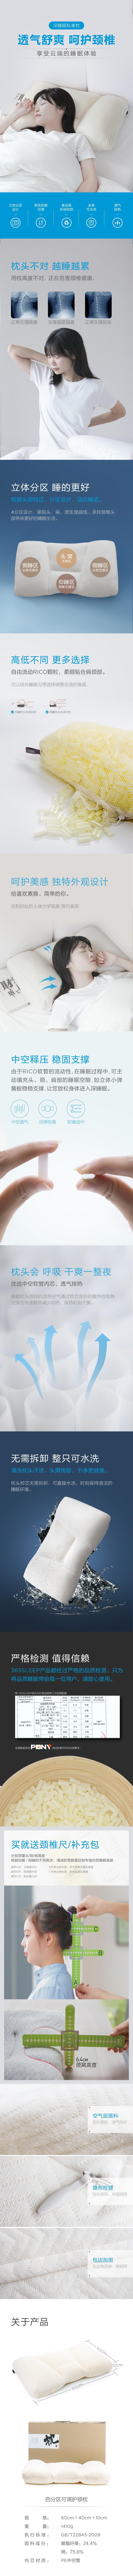 软管枕-四分区-11.6_画板 1.jpg